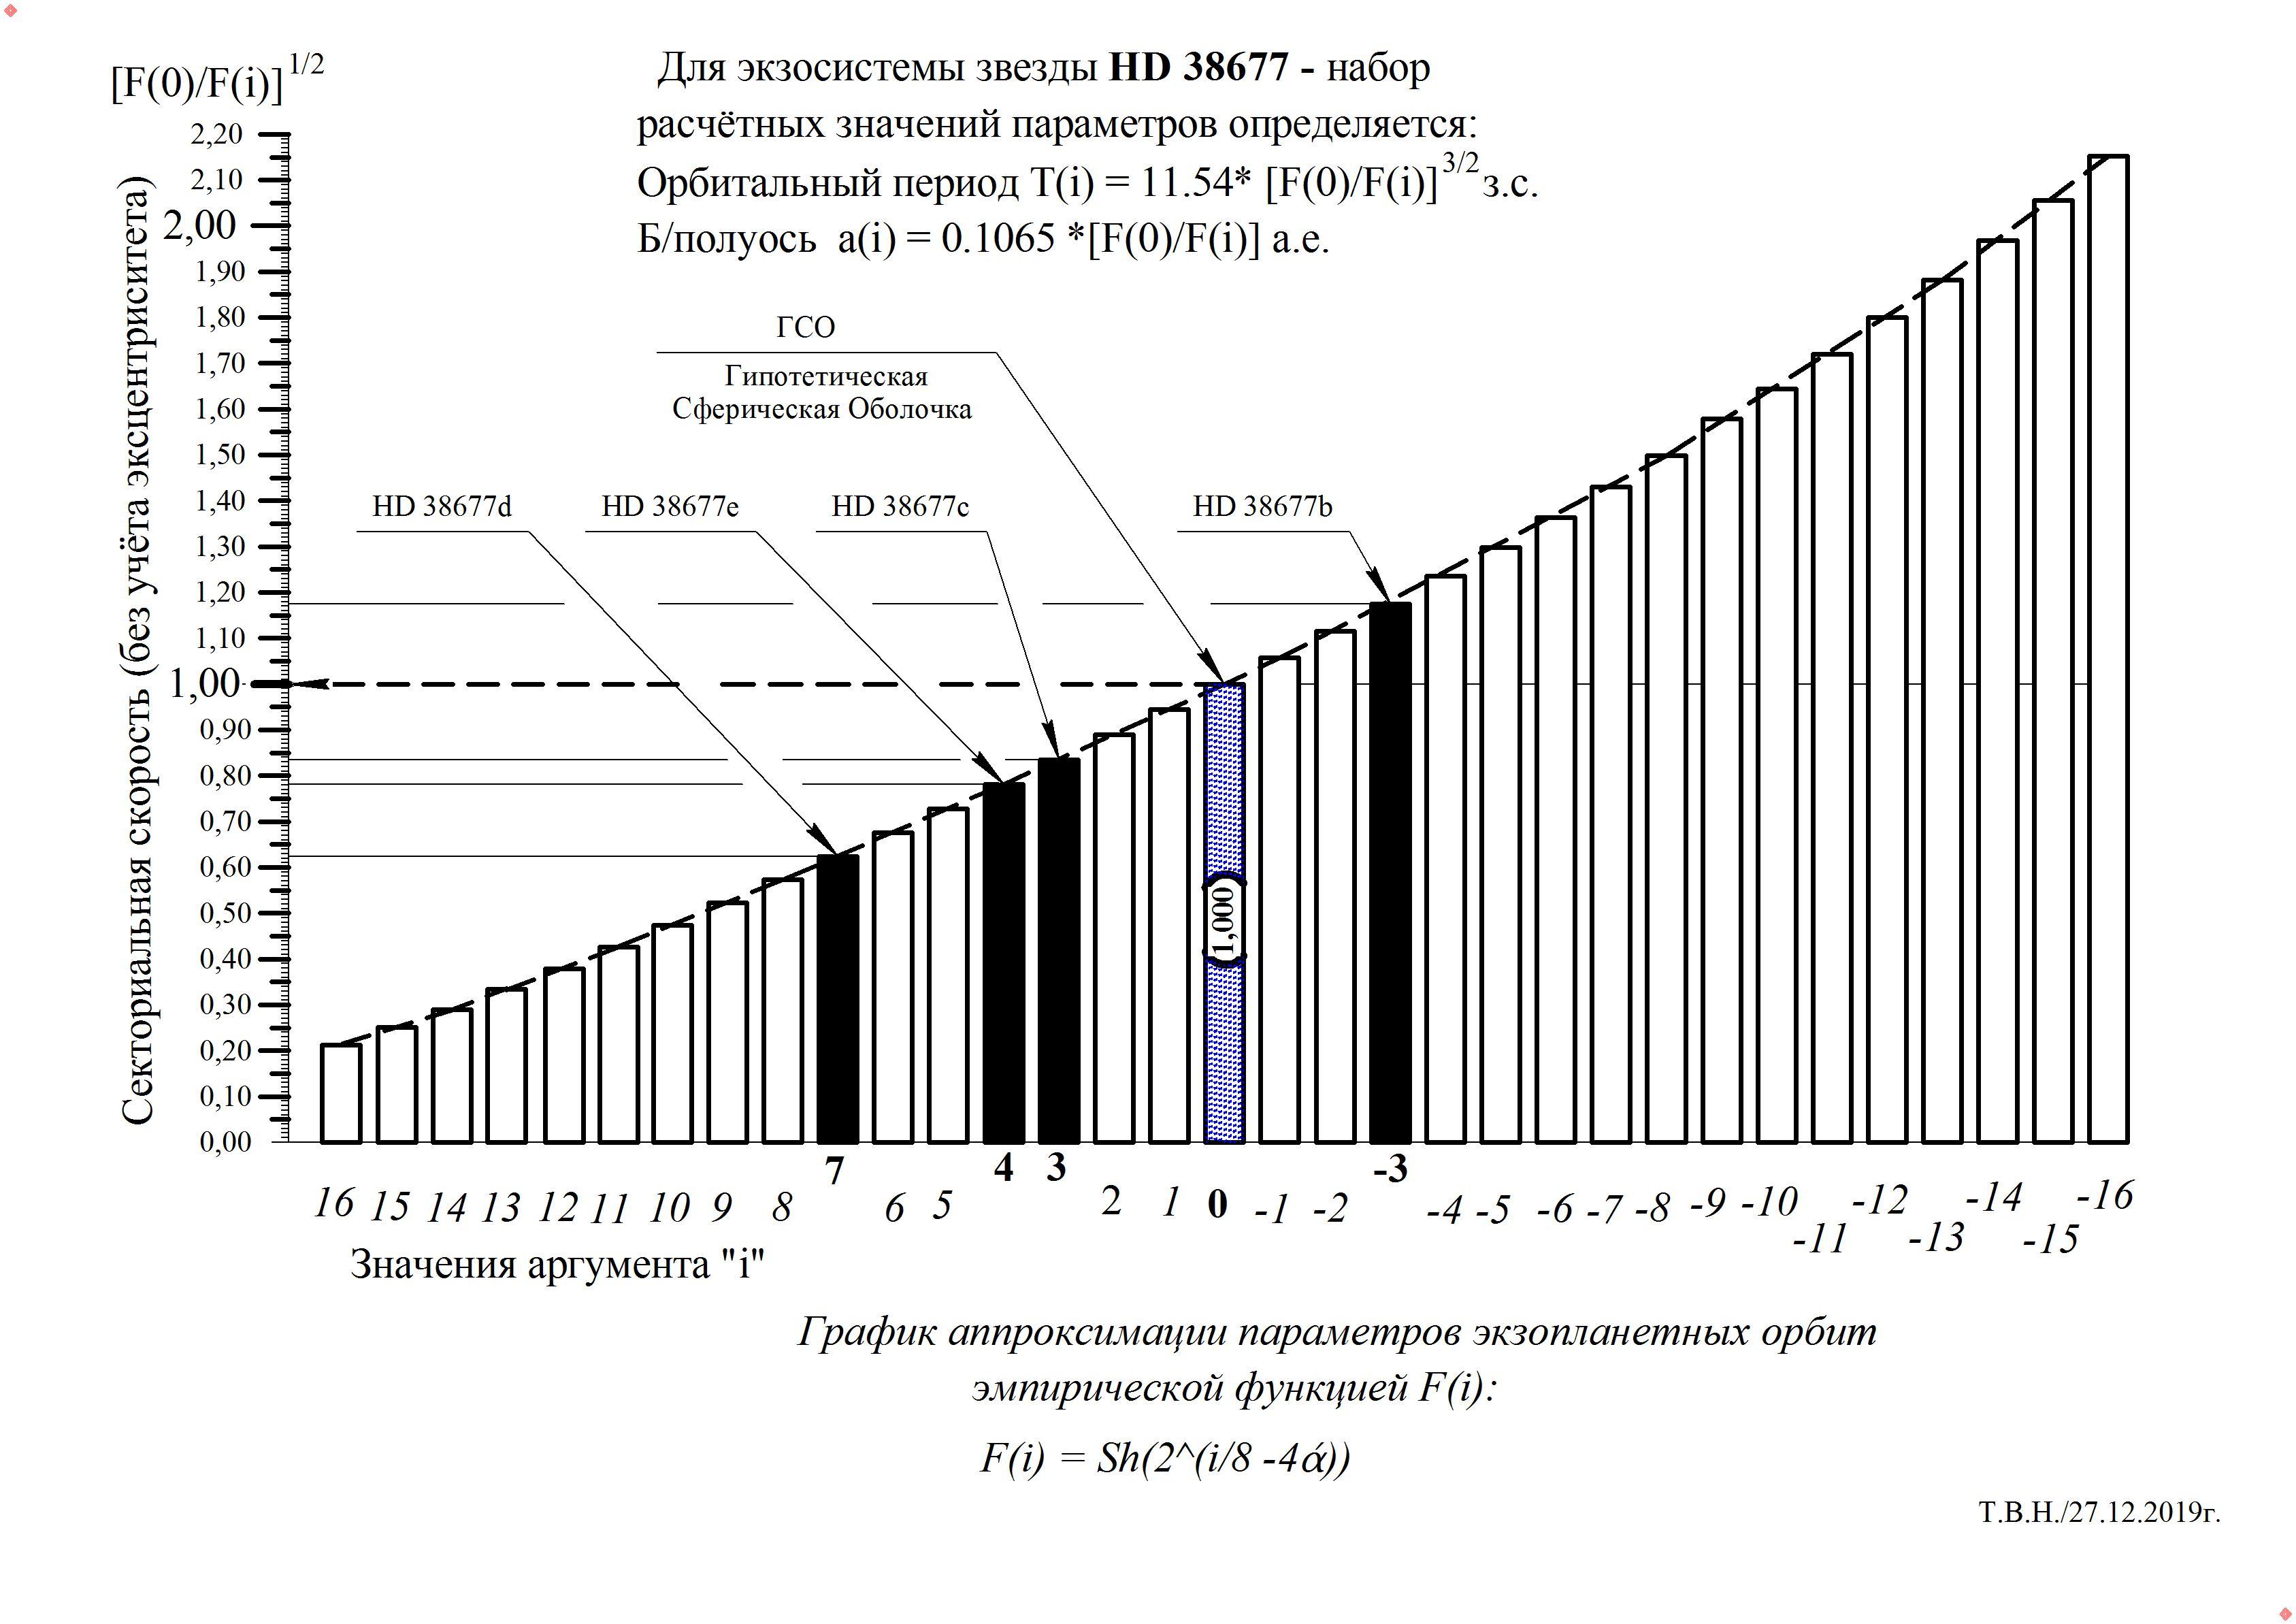 HD 38677.jpg